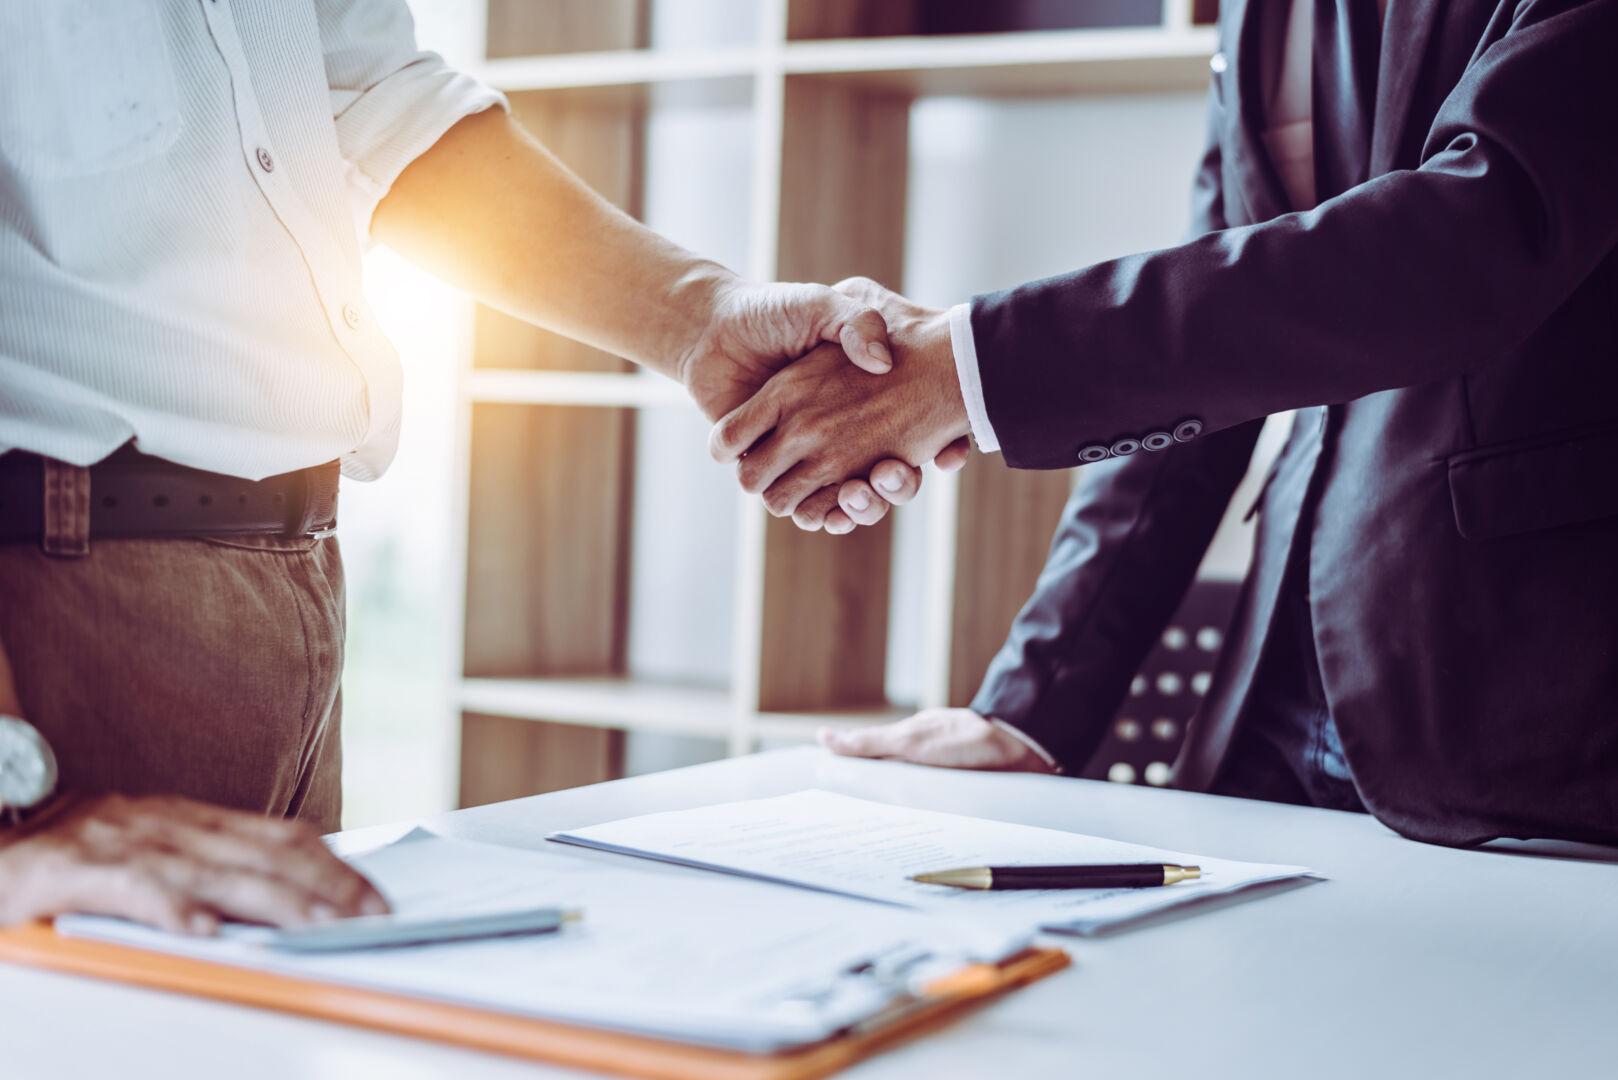 Acheter-Louer.fr et Kize signent un partenariat autour du 1er outil d'IA de prédiction des prix de l'immobilier